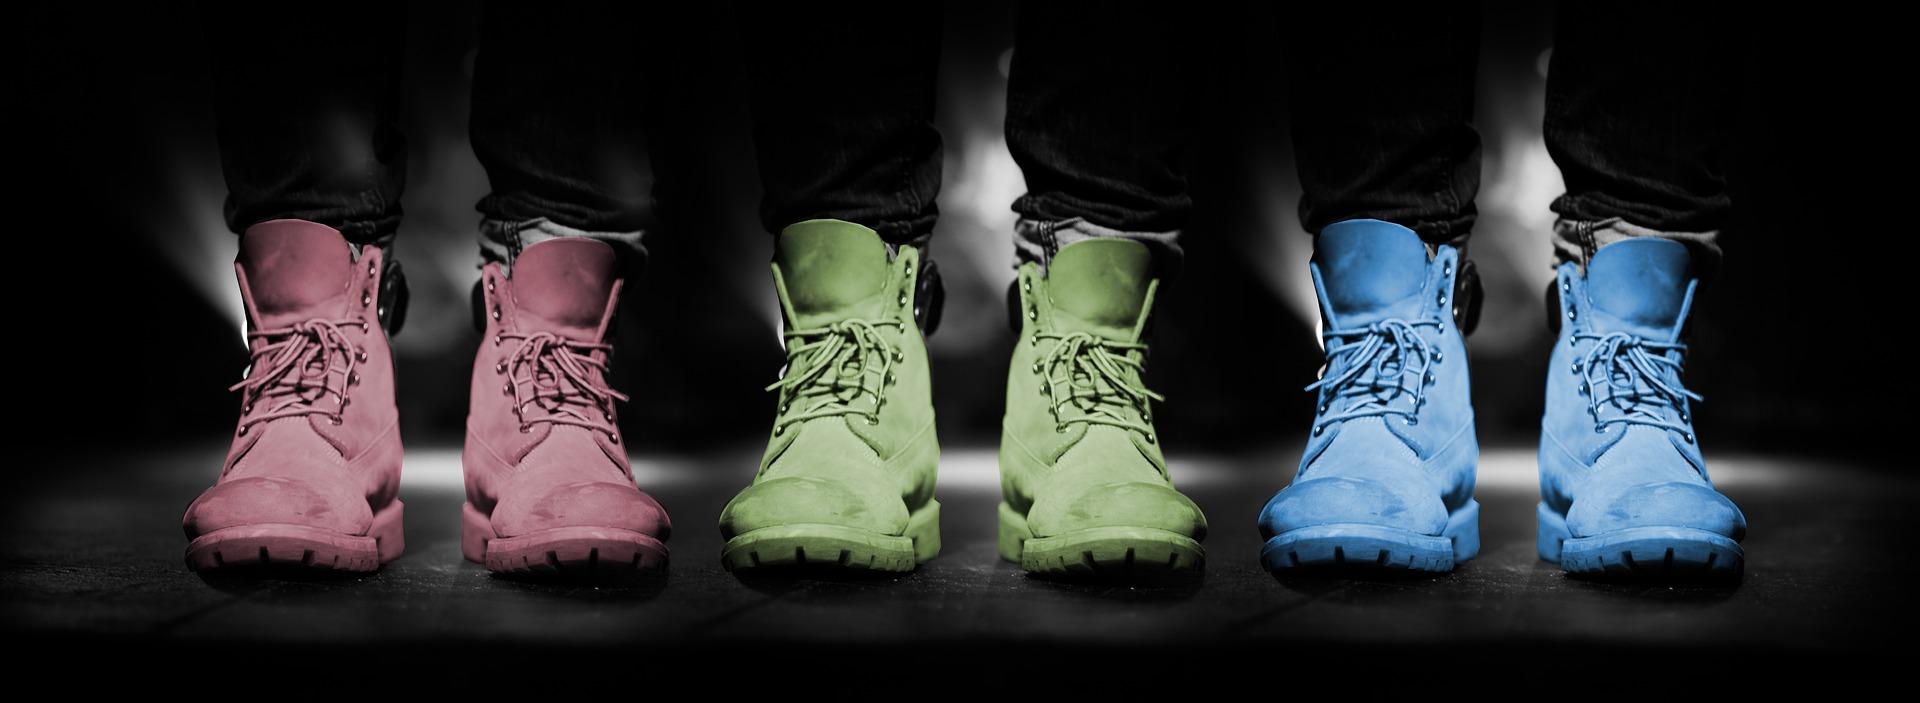 Skowolter tilbyder sko fra mange forskellige skomærker